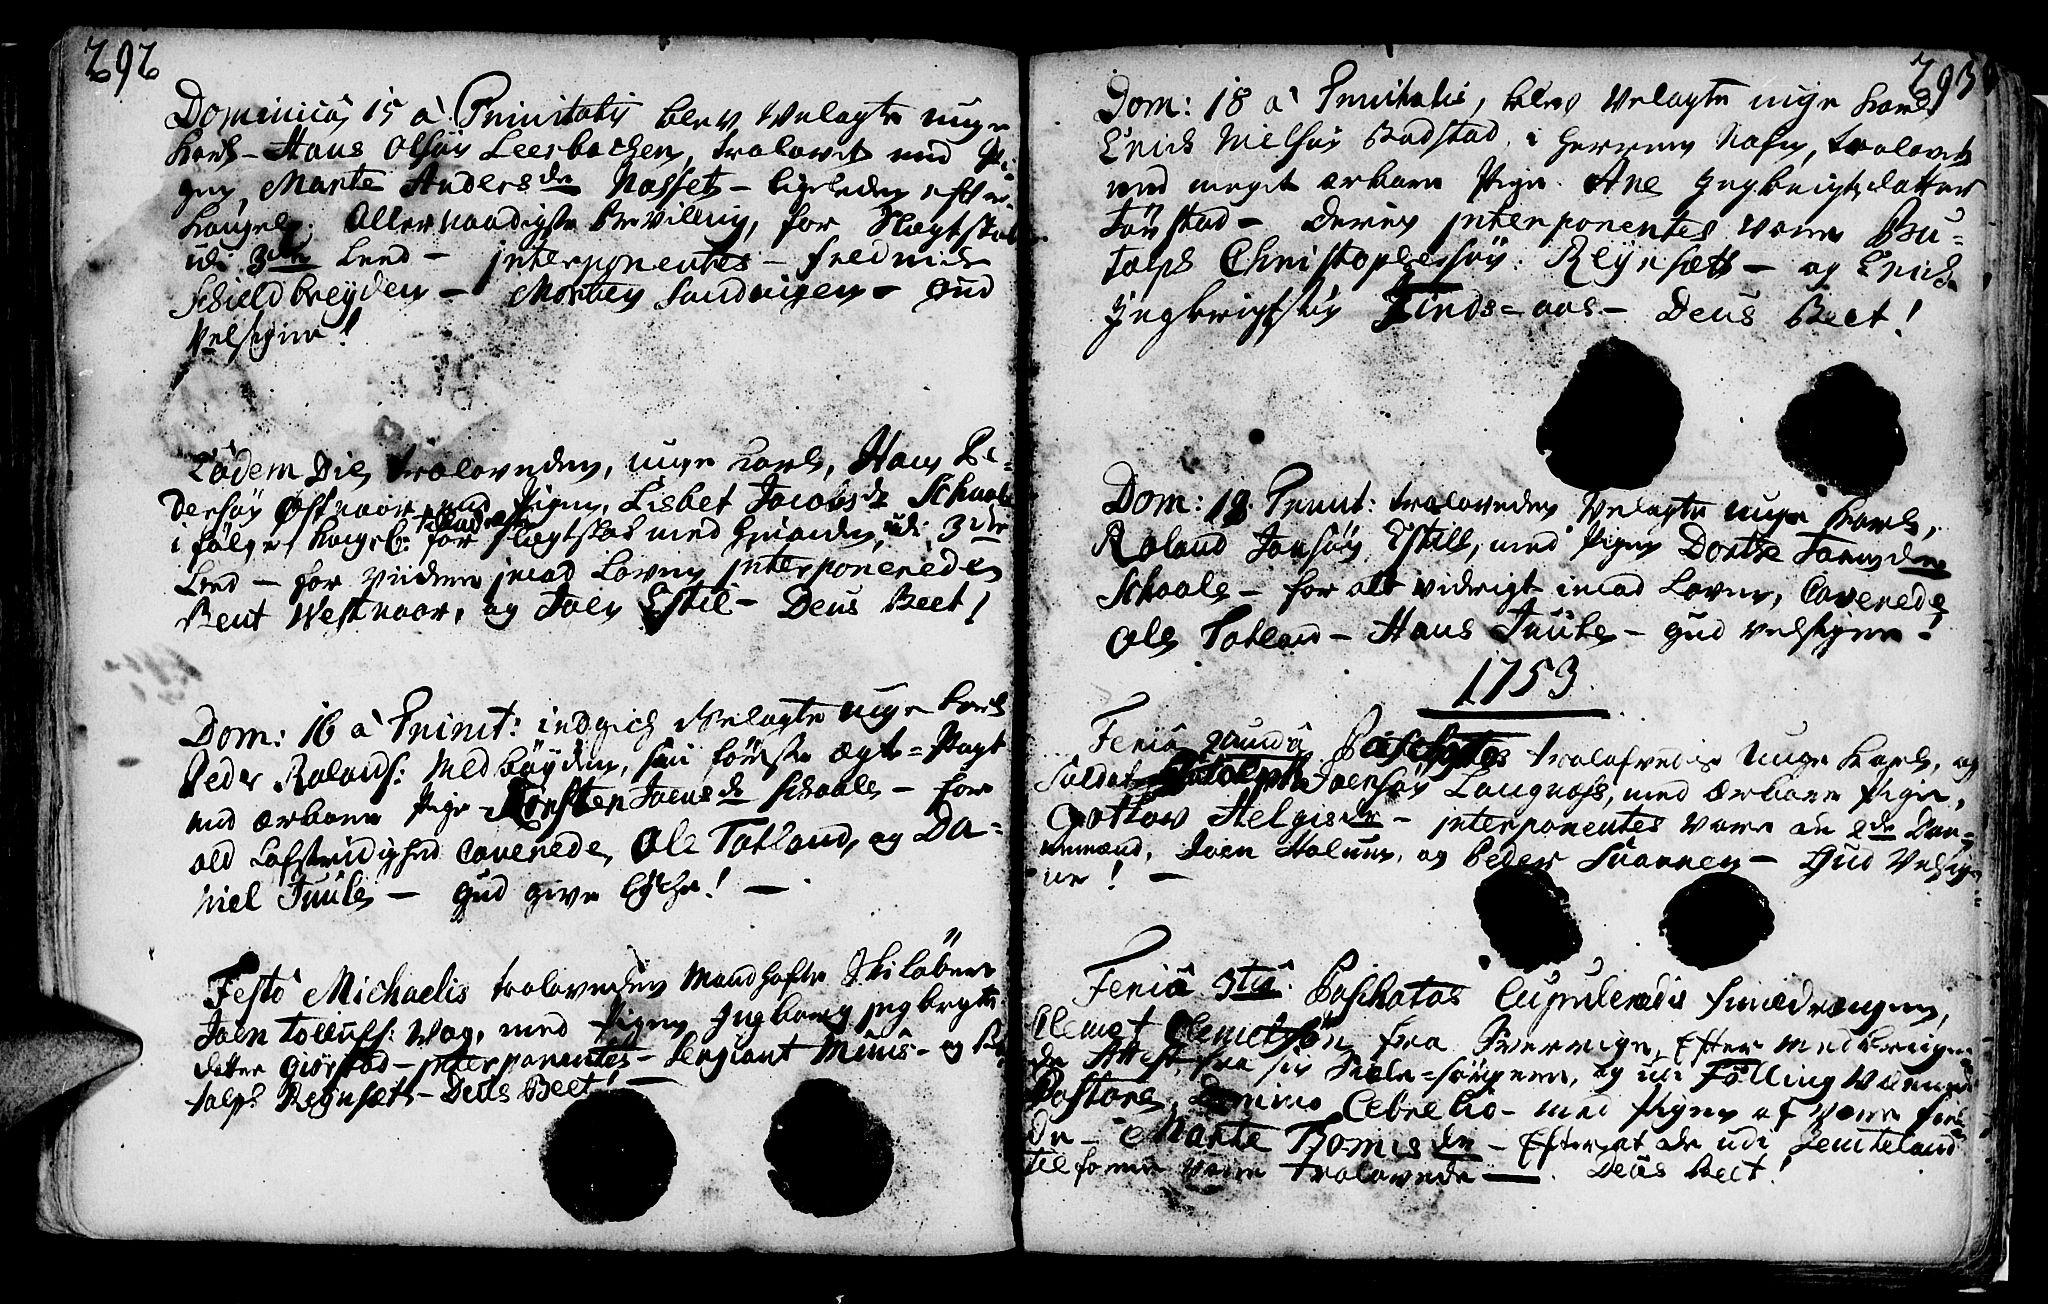 SAT, Ministerialprotokoller, klokkerbøker og fødselsregistre - Nord-Trøndelag, 749/L0467: Ministerialbok nr. 749A01, 1733-1787, s. 292-293